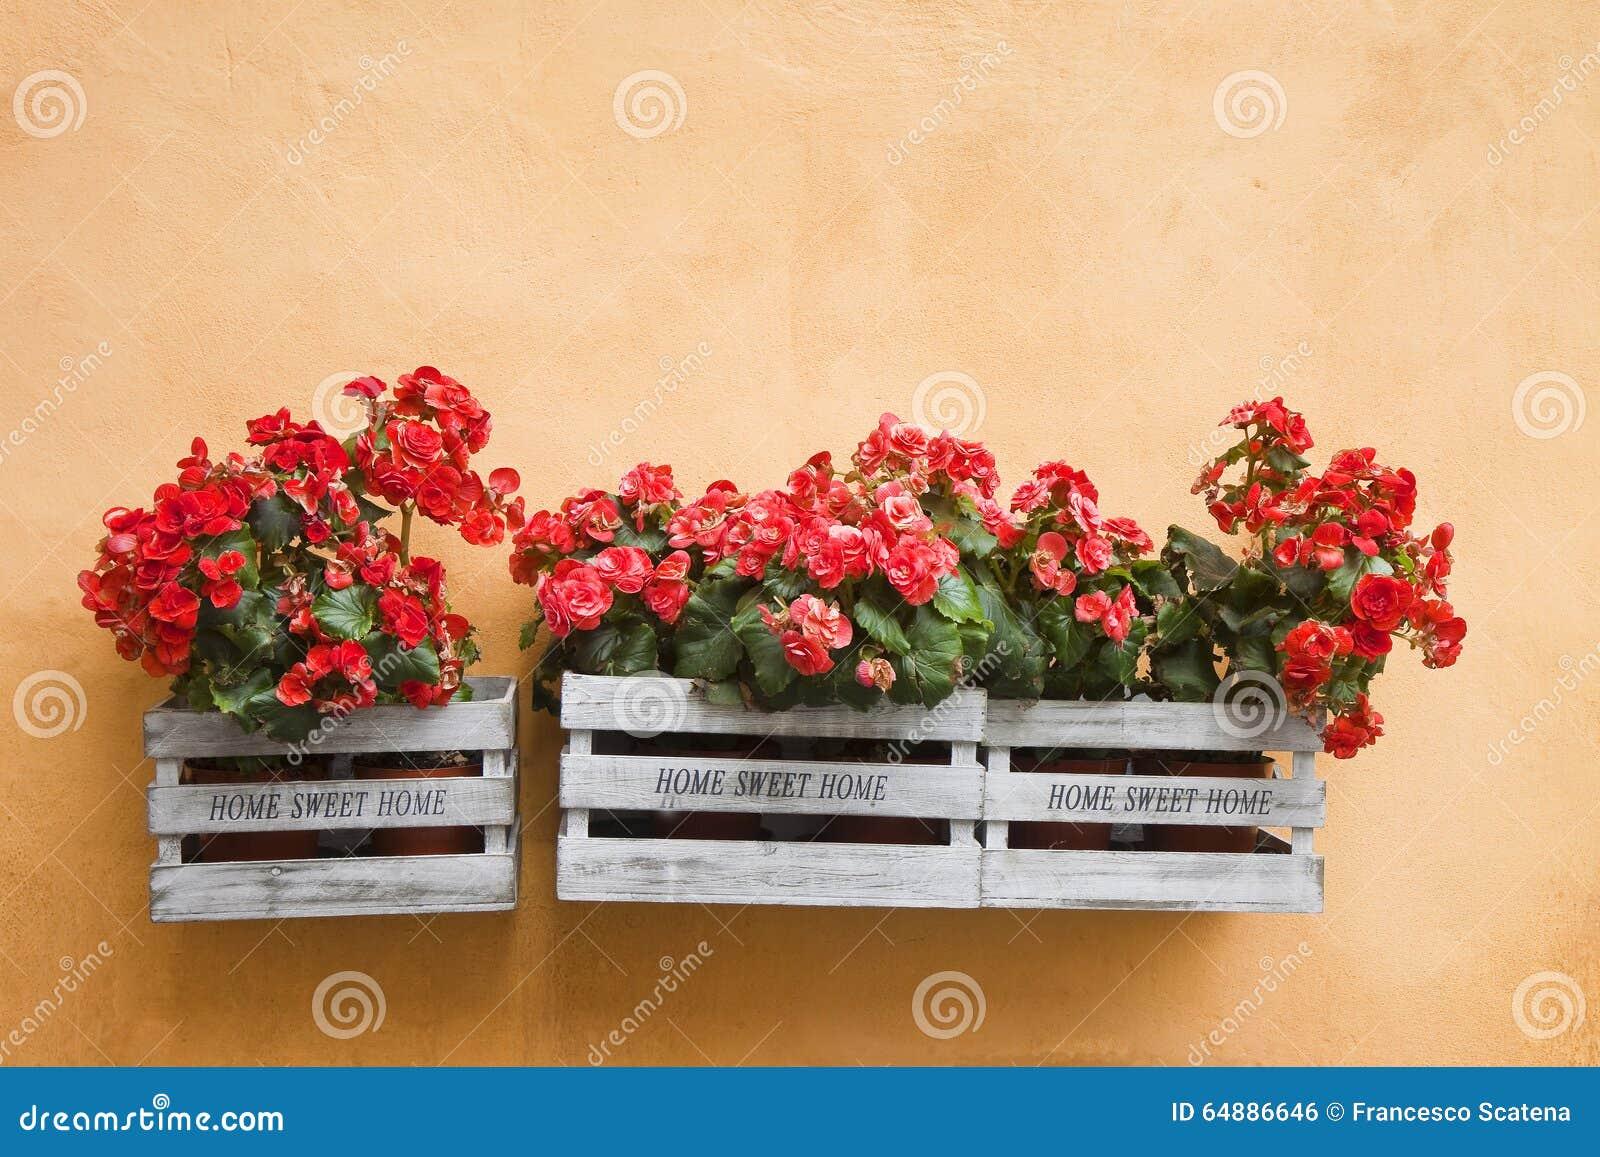 Blumenkästen, Die An Der Wand Hängen Stockfoto - Bild von konzept ...